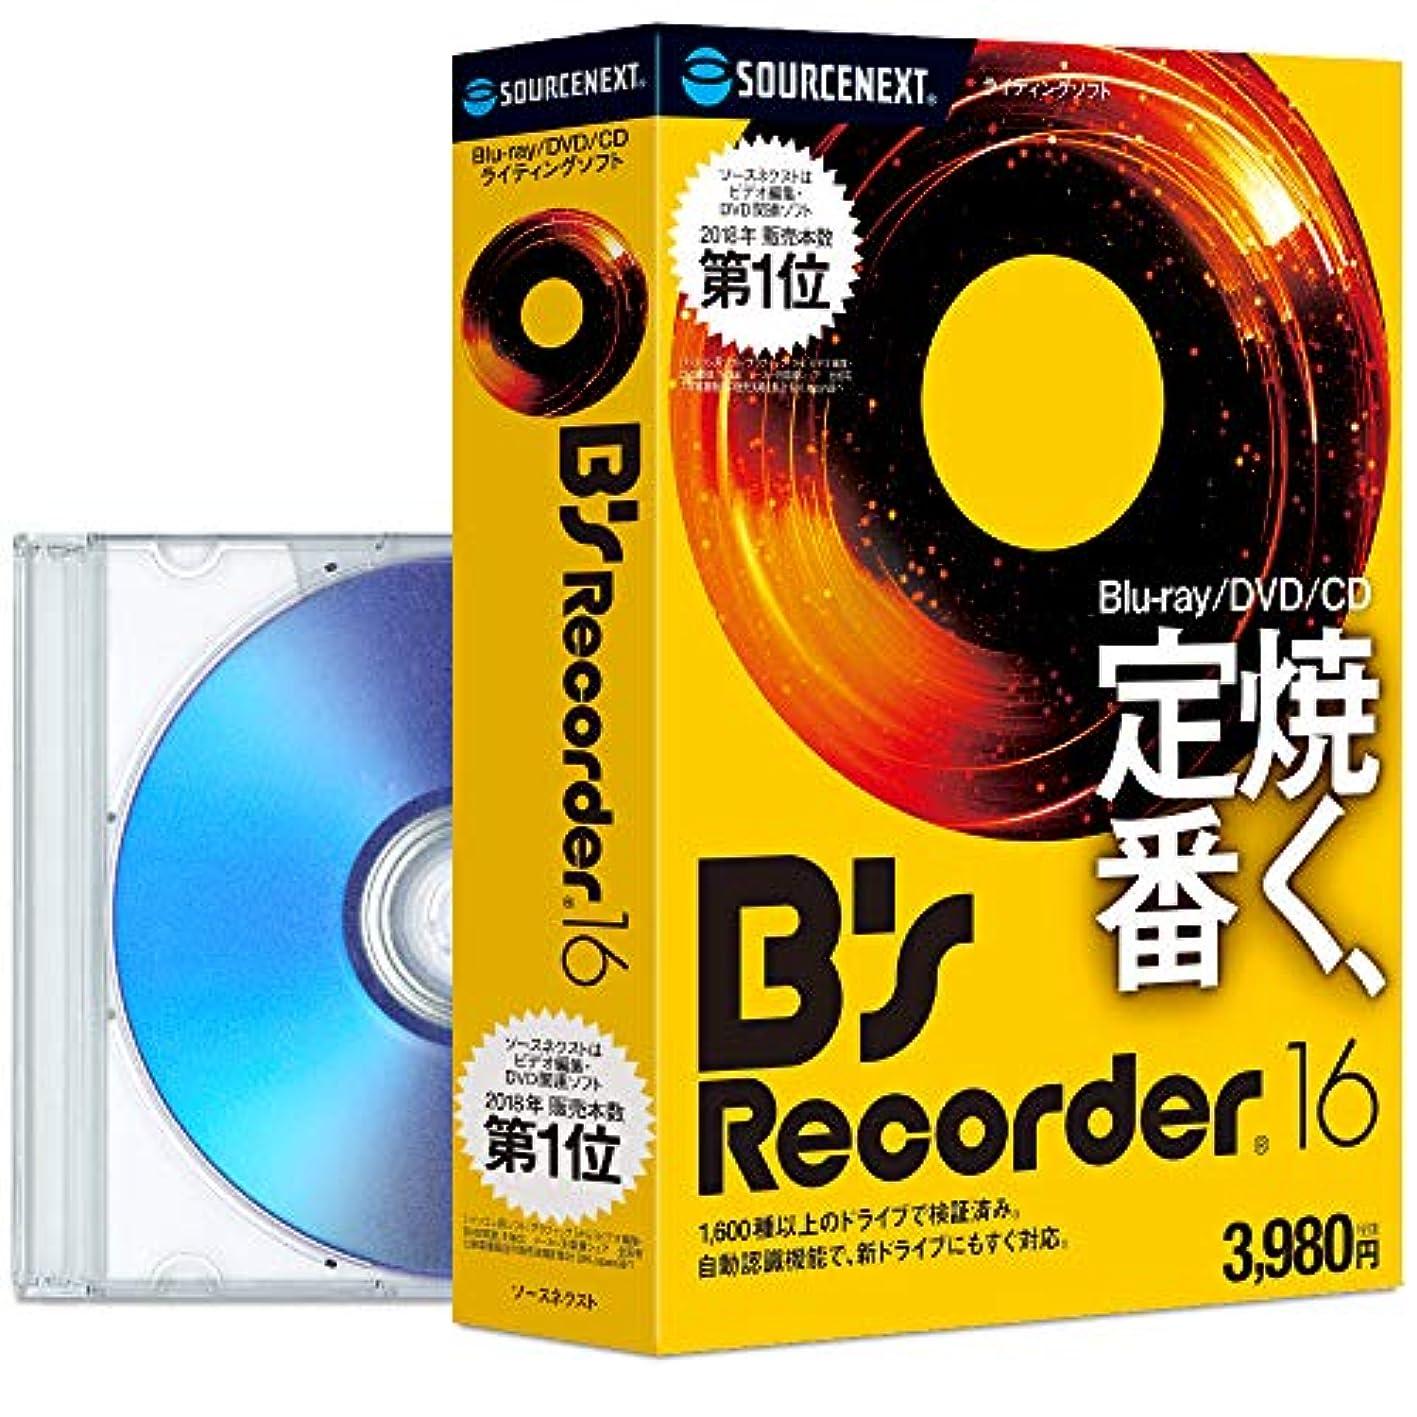 クライマックスおとこシダ【公式ストア限定】B's Recorder 16+DVD-R 1枚セット